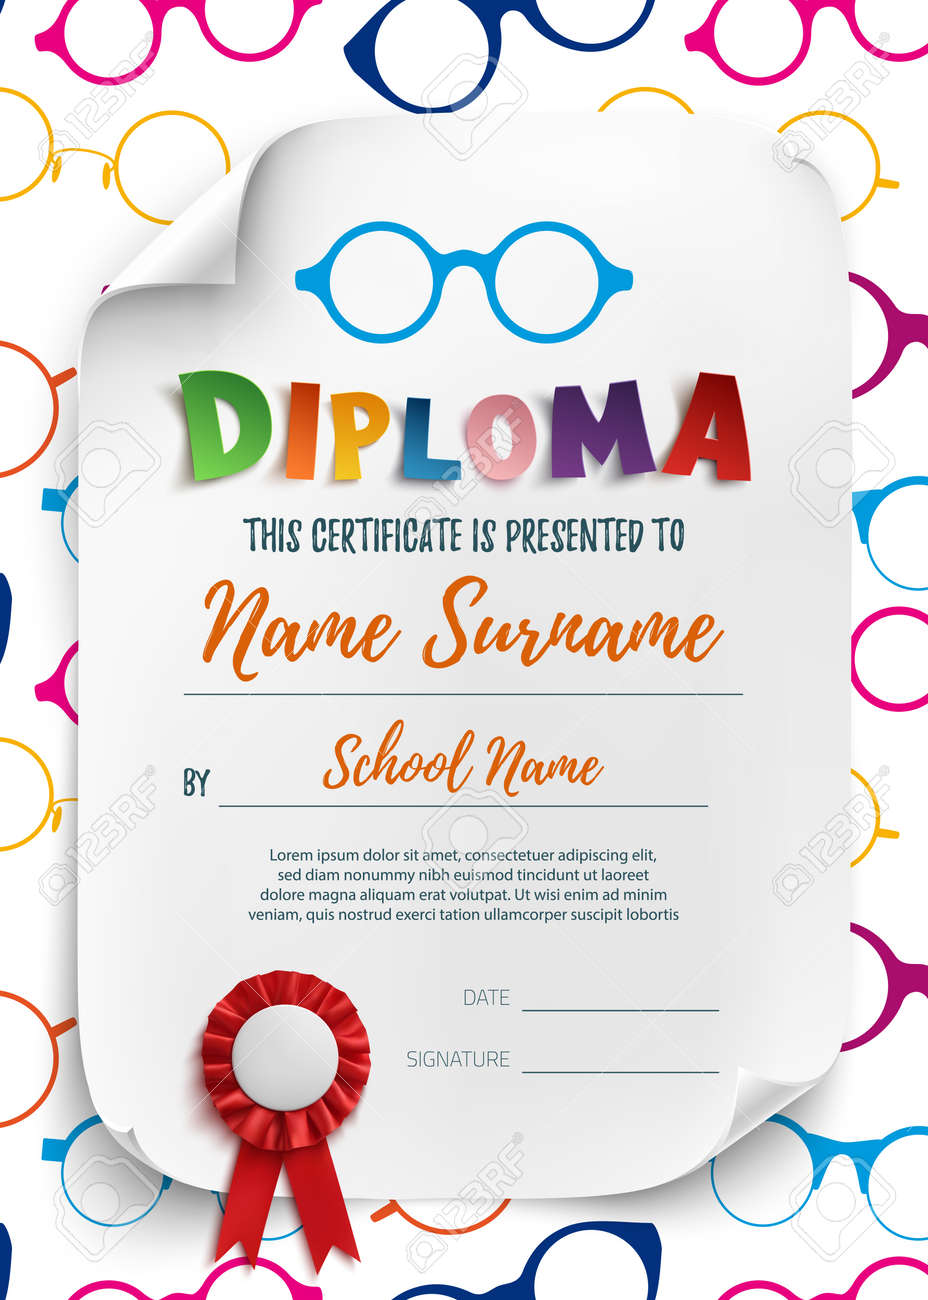 Großzügig Abschluss Zertifikat Vorlage Ideen - Bilder für das ...